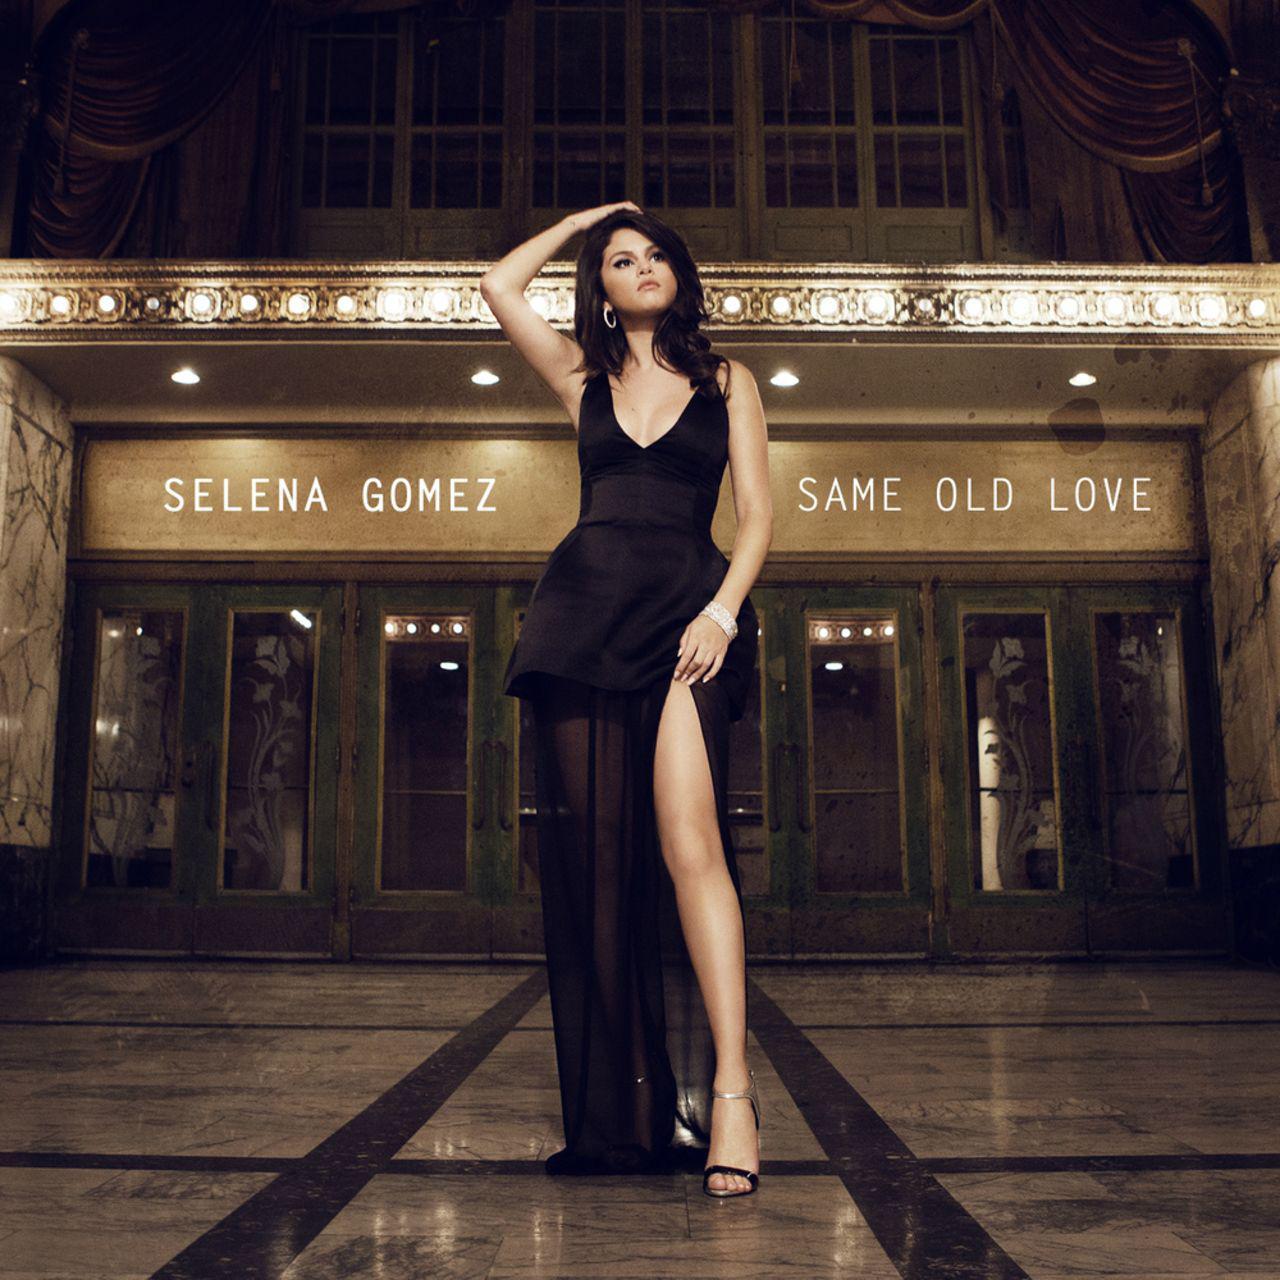 85e9a17d62c Selena Gomez  Same Old Love (Video 2015) - IMDb